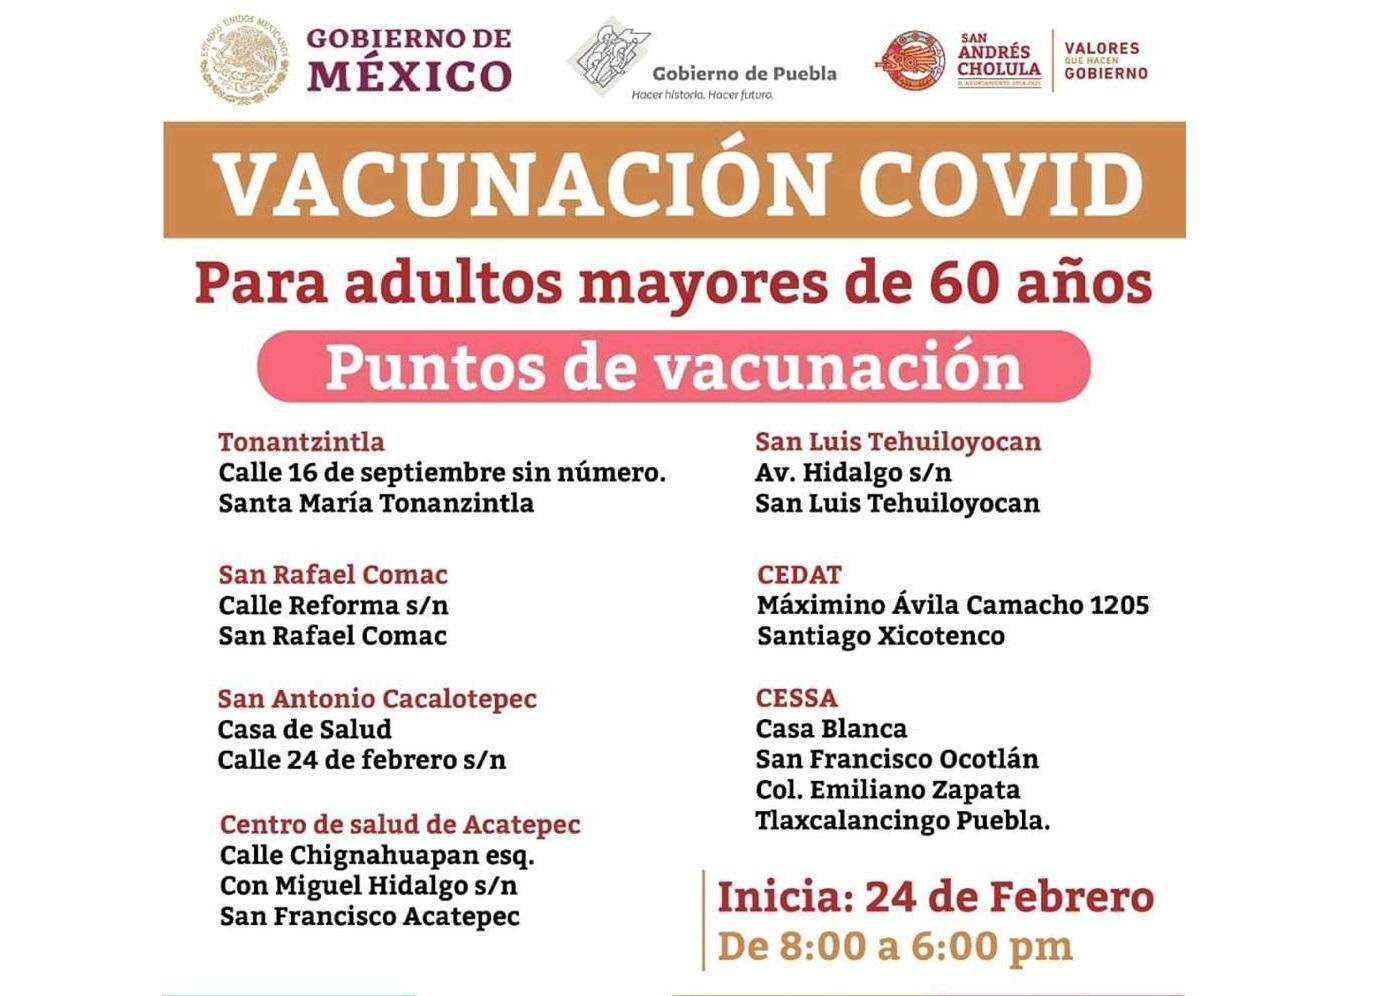 Vacunación antiCovid inicia este miércoles en San Andrés Cholula